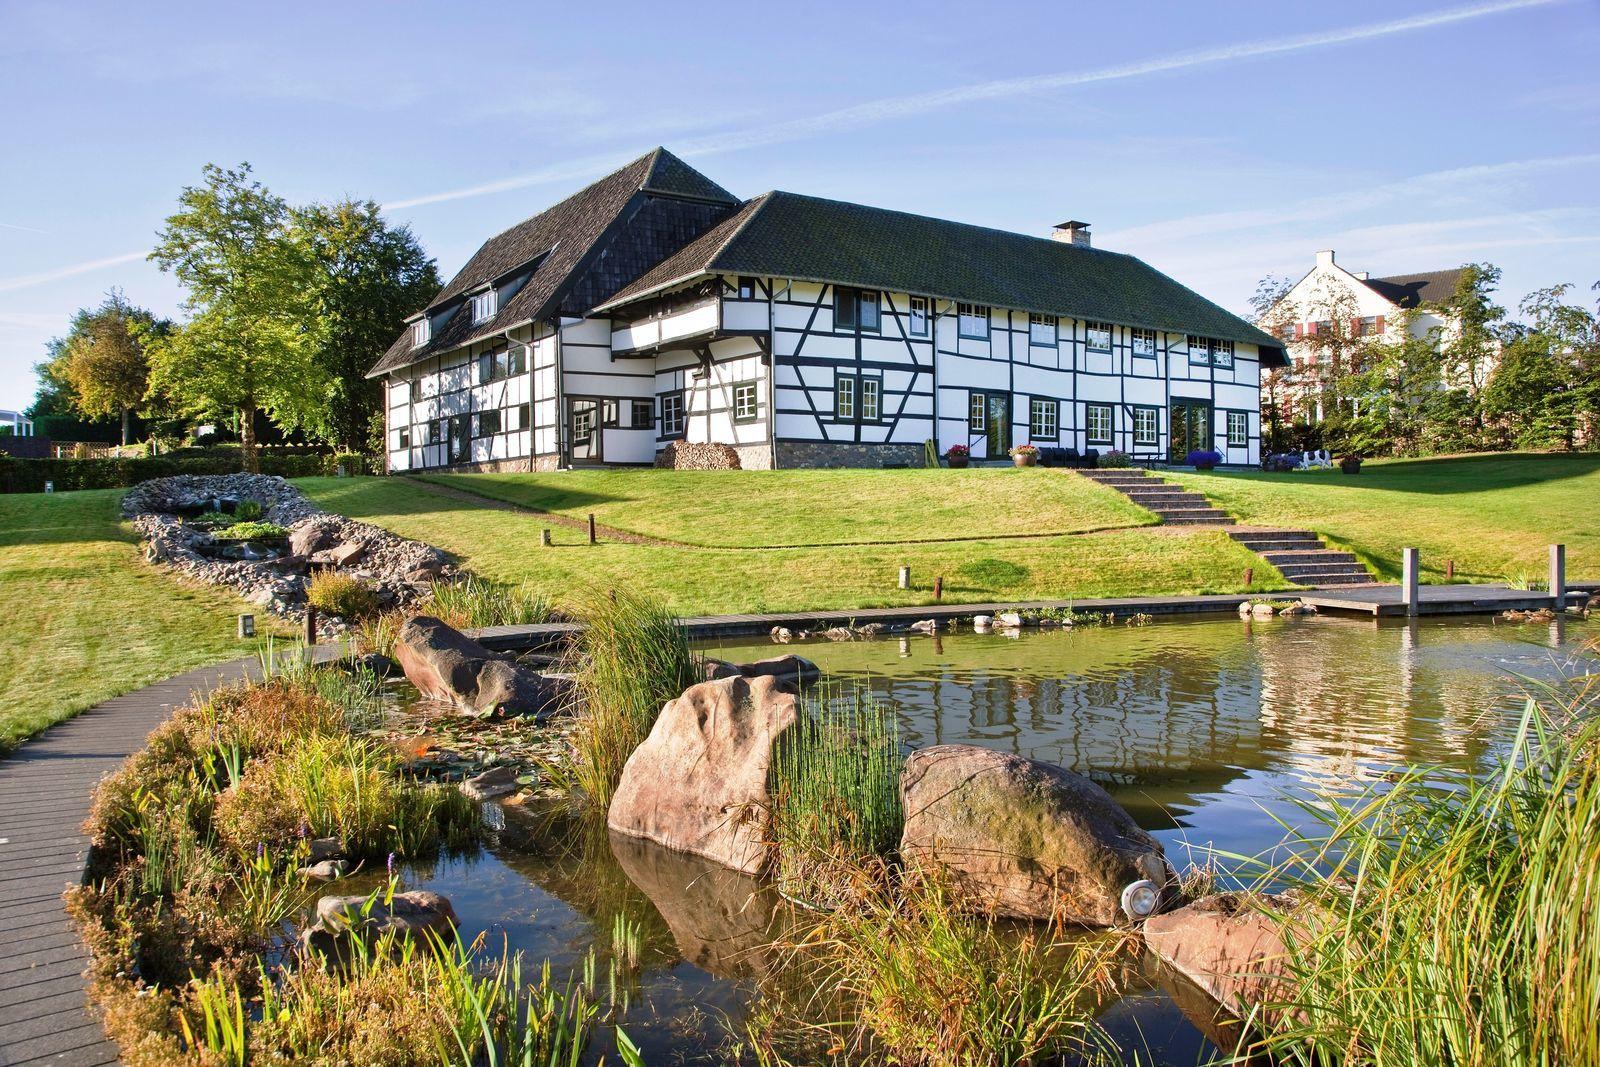 Carrehoeve Schweiberg - exclusieve vakantievilla met zwembad en